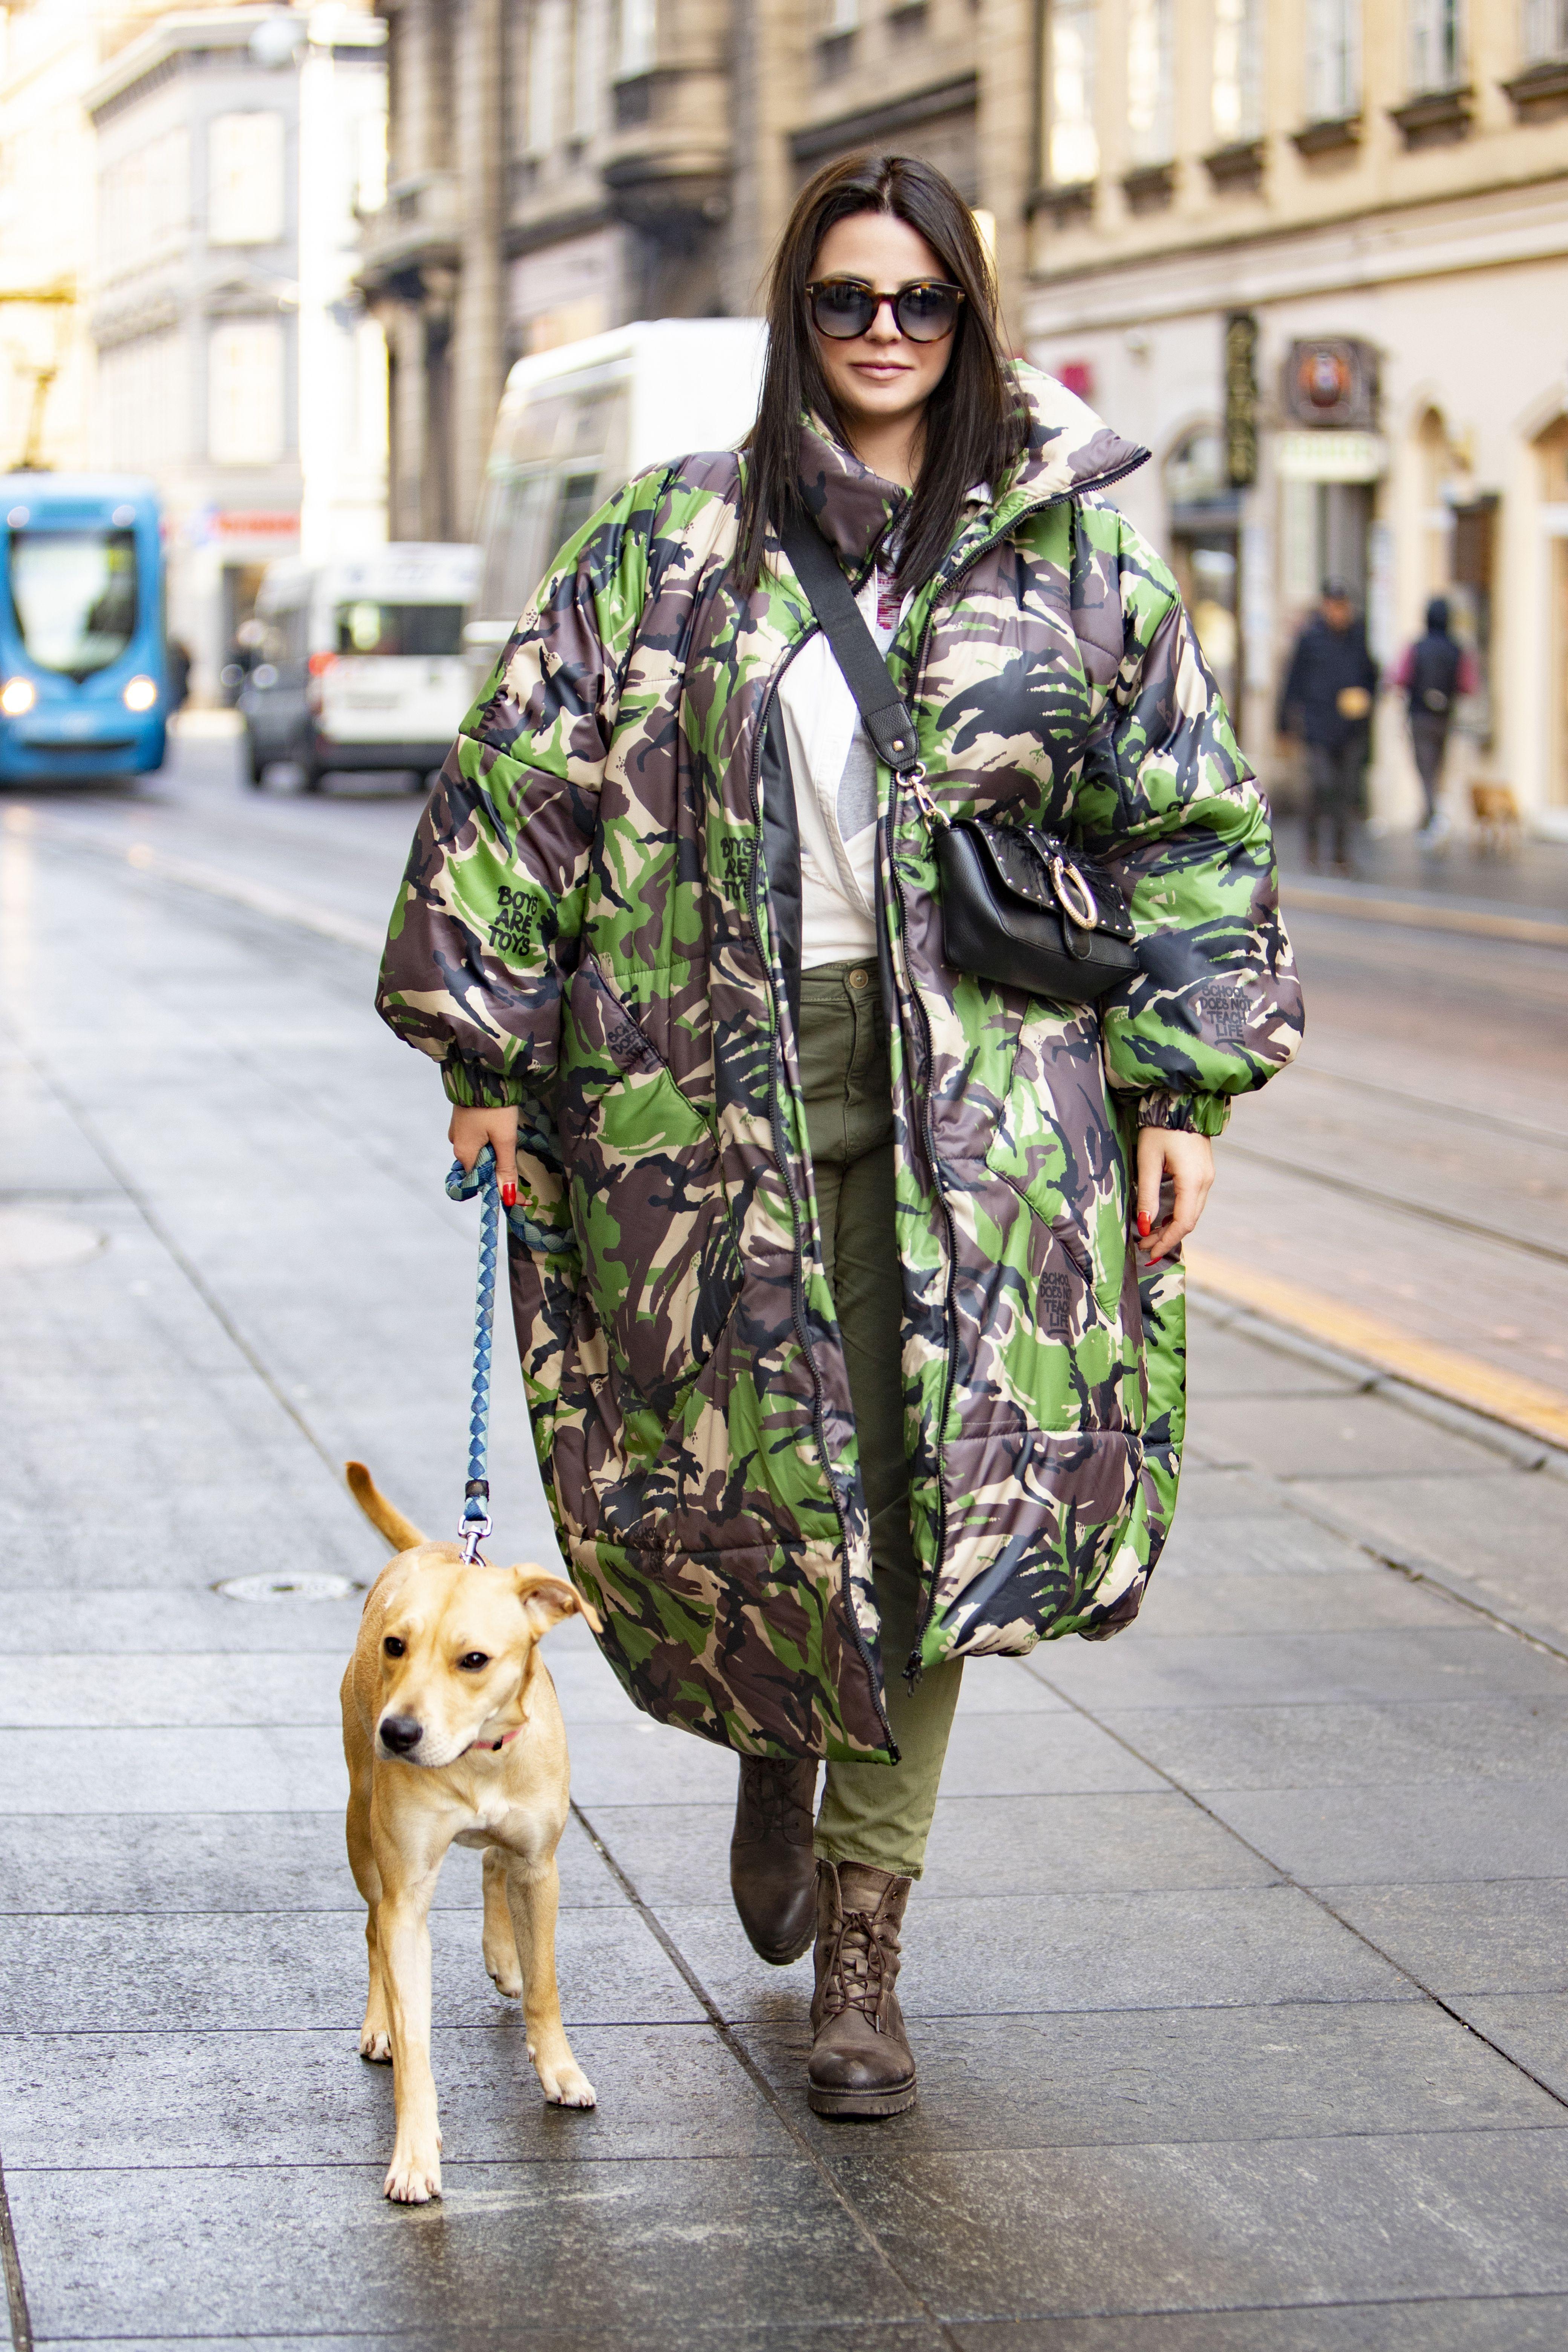 Ovako drugačiju i cool jaknu poput njezine dugo nismo vidjeli! Jedno je sigurno - nije za svakog